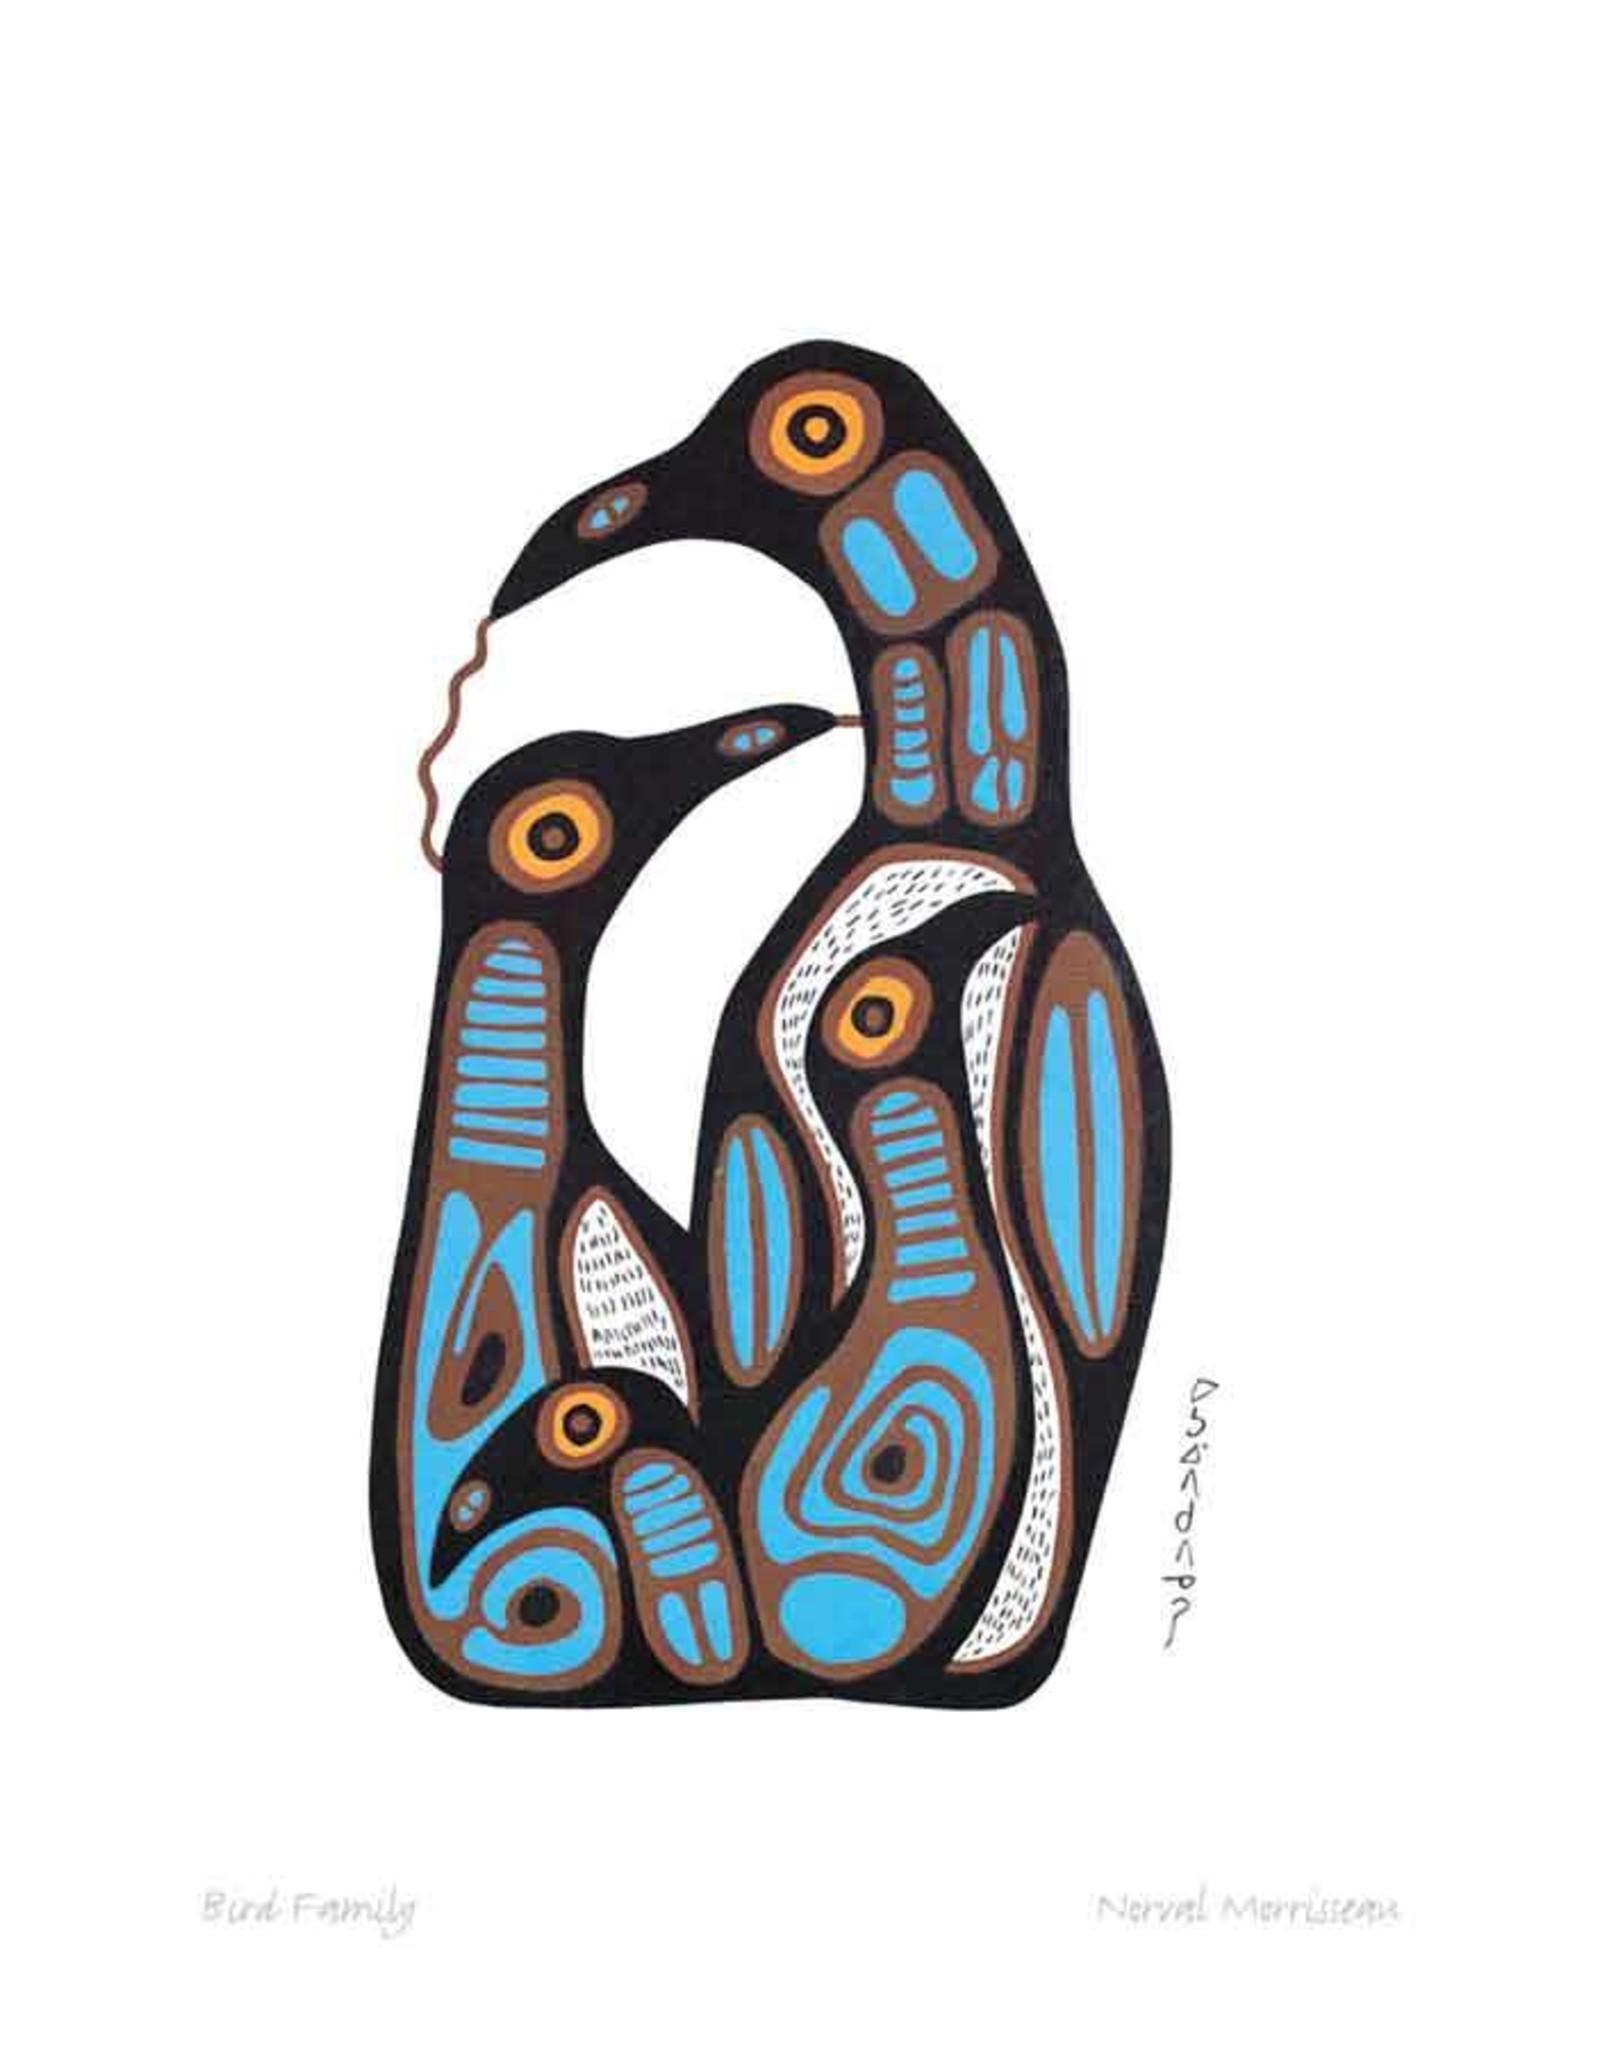 Bird Family par Norval Morrisseau Montée sur Passe-Partout